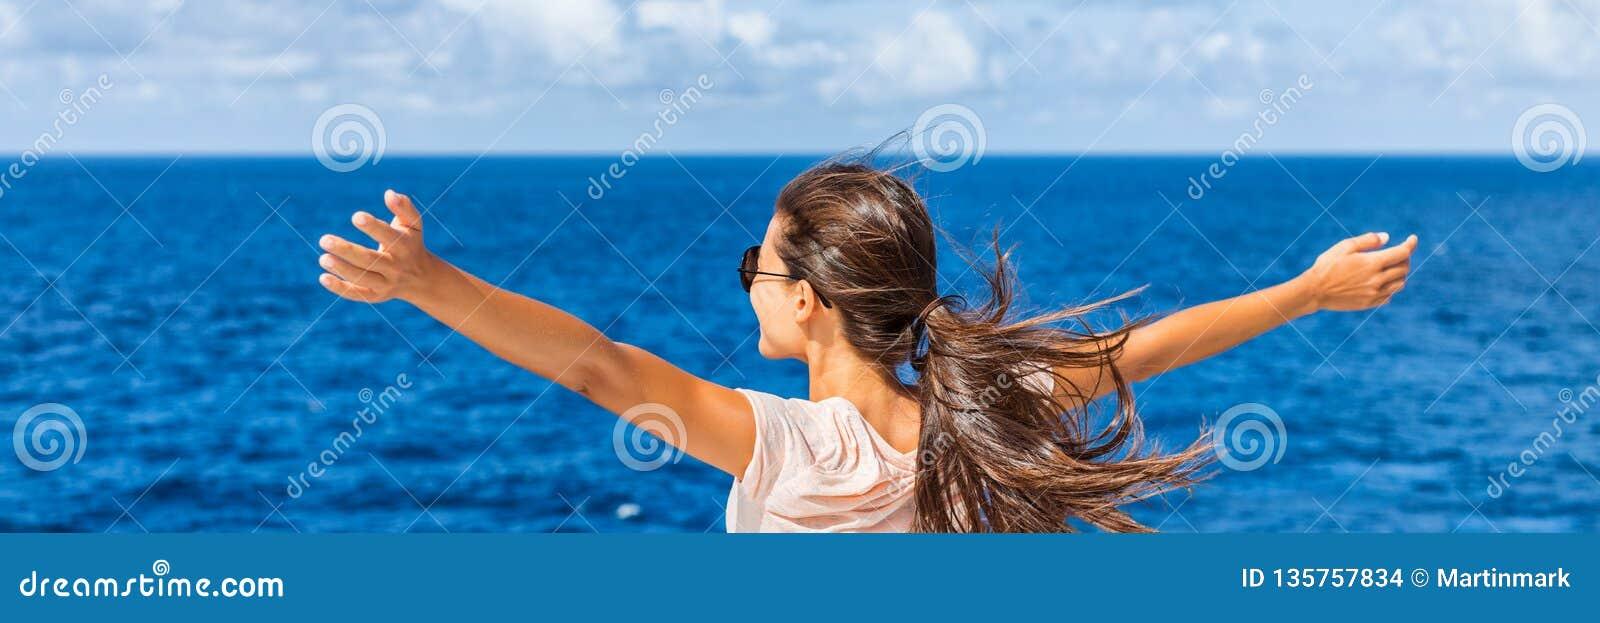 Ευτυχής γυναίκα ελευθερίας με τις ανοικτές αγκάλες που φαίνεται εν πλω